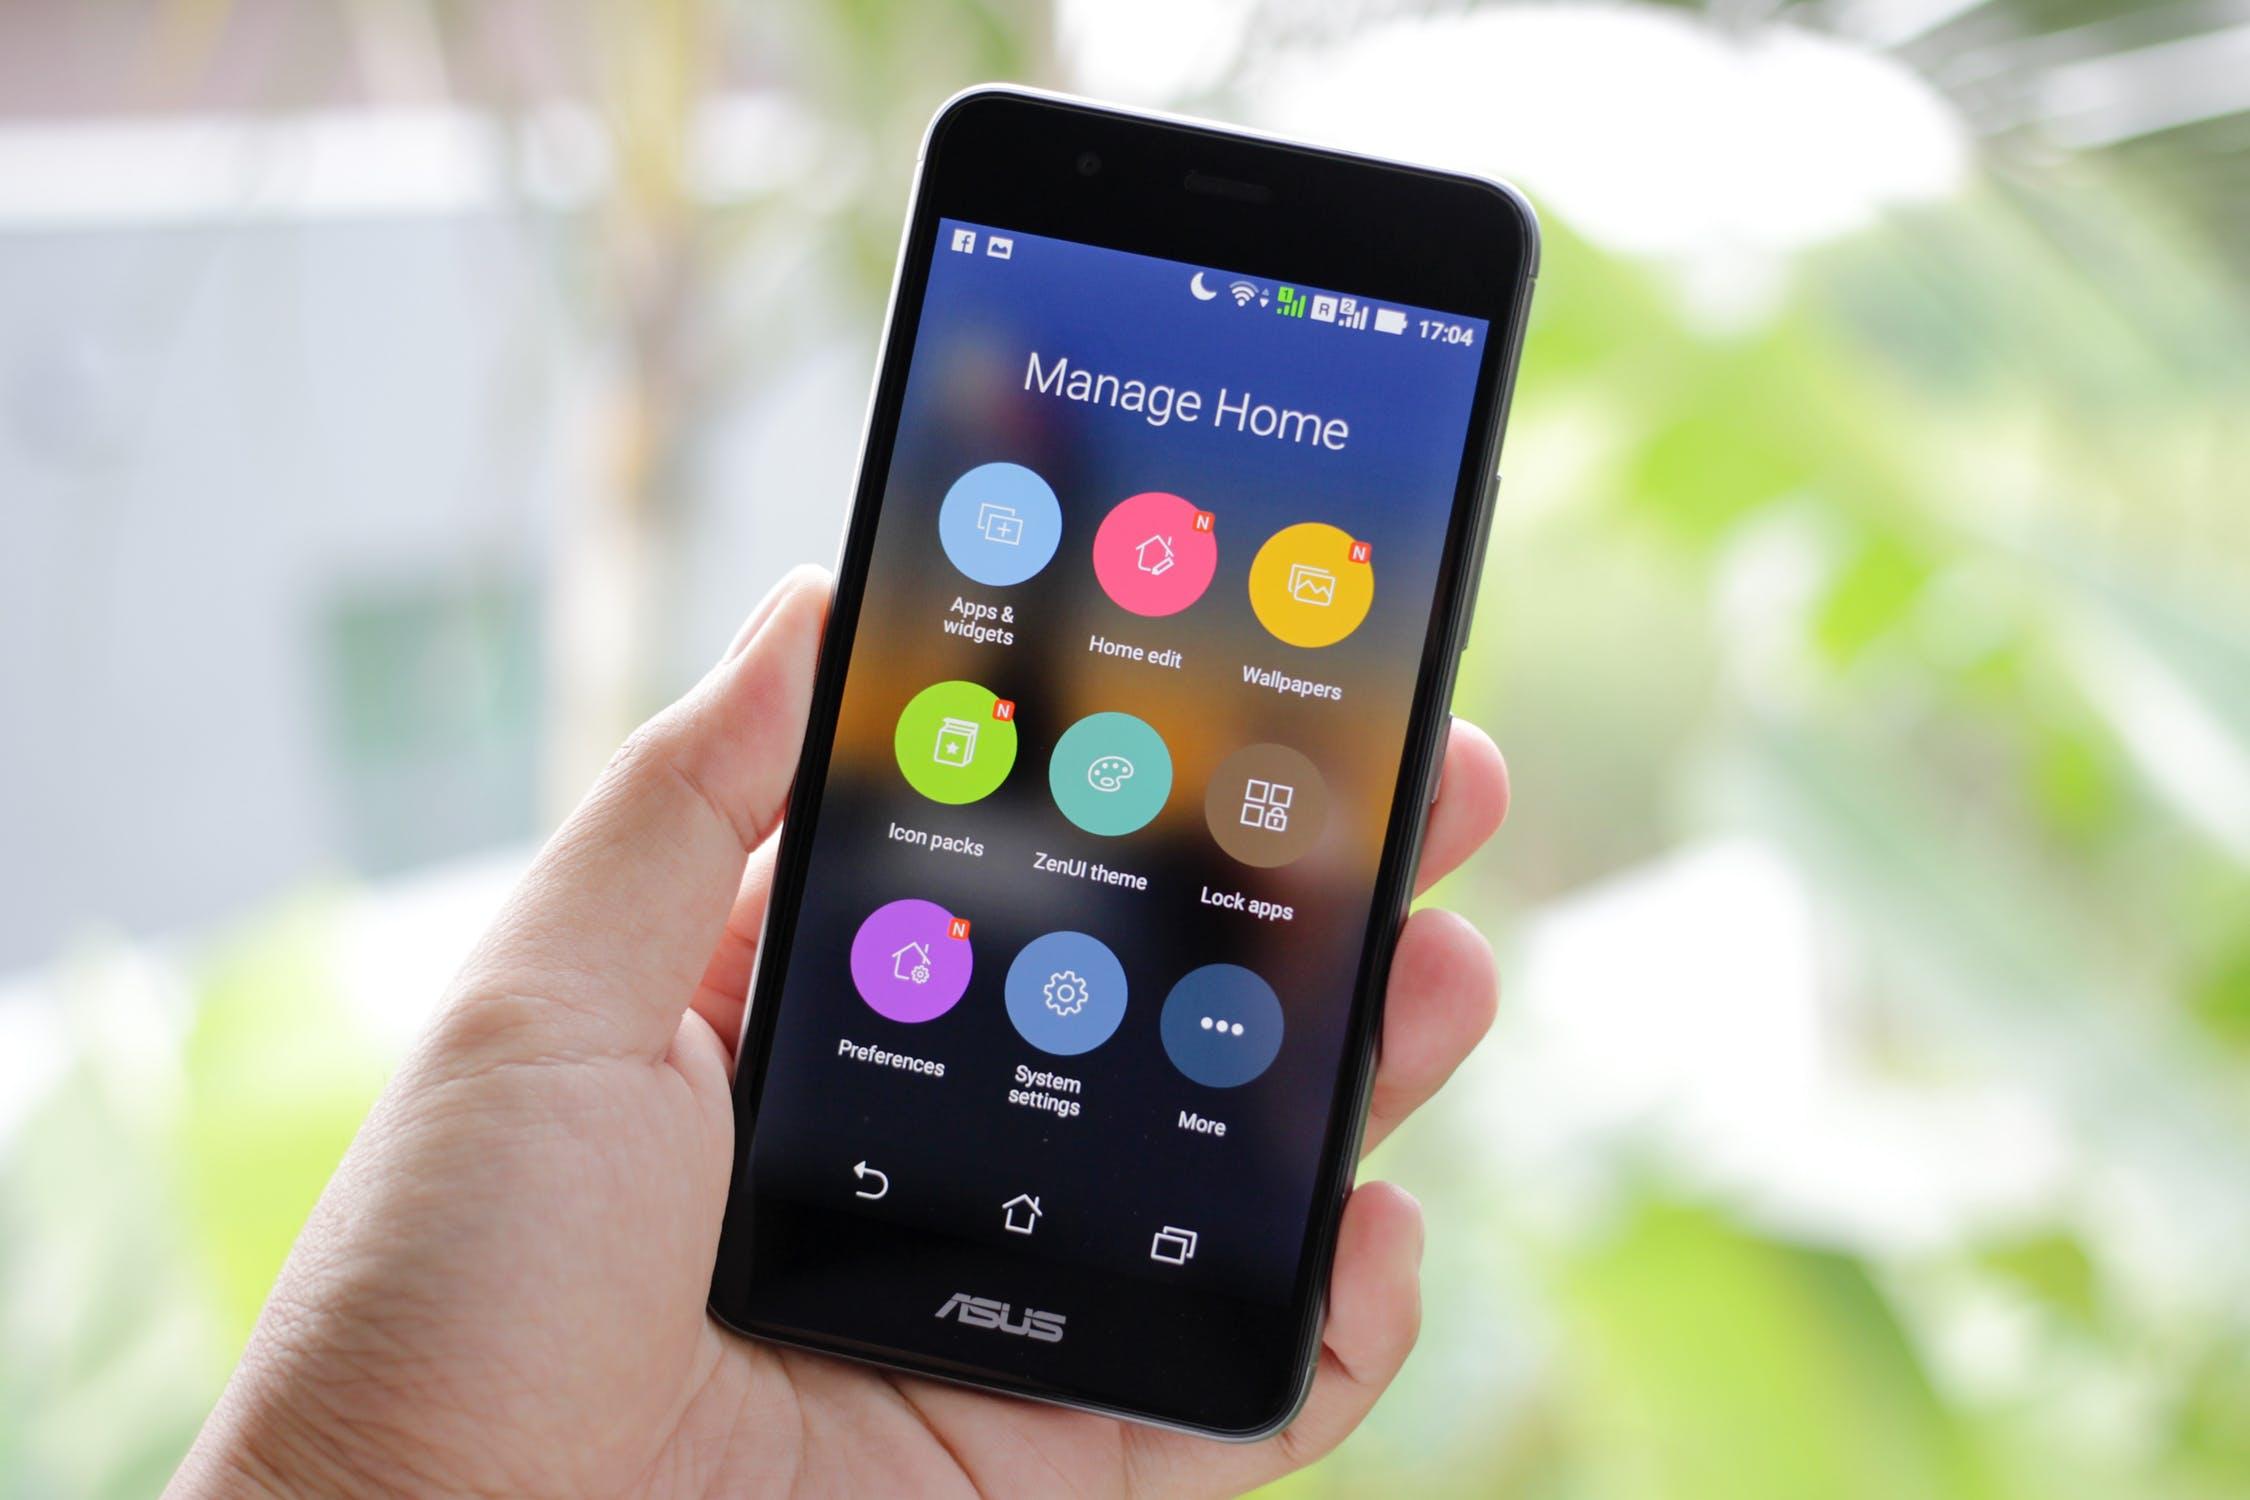 Секреты Android и его скрытые функции - разблокированный смартфон